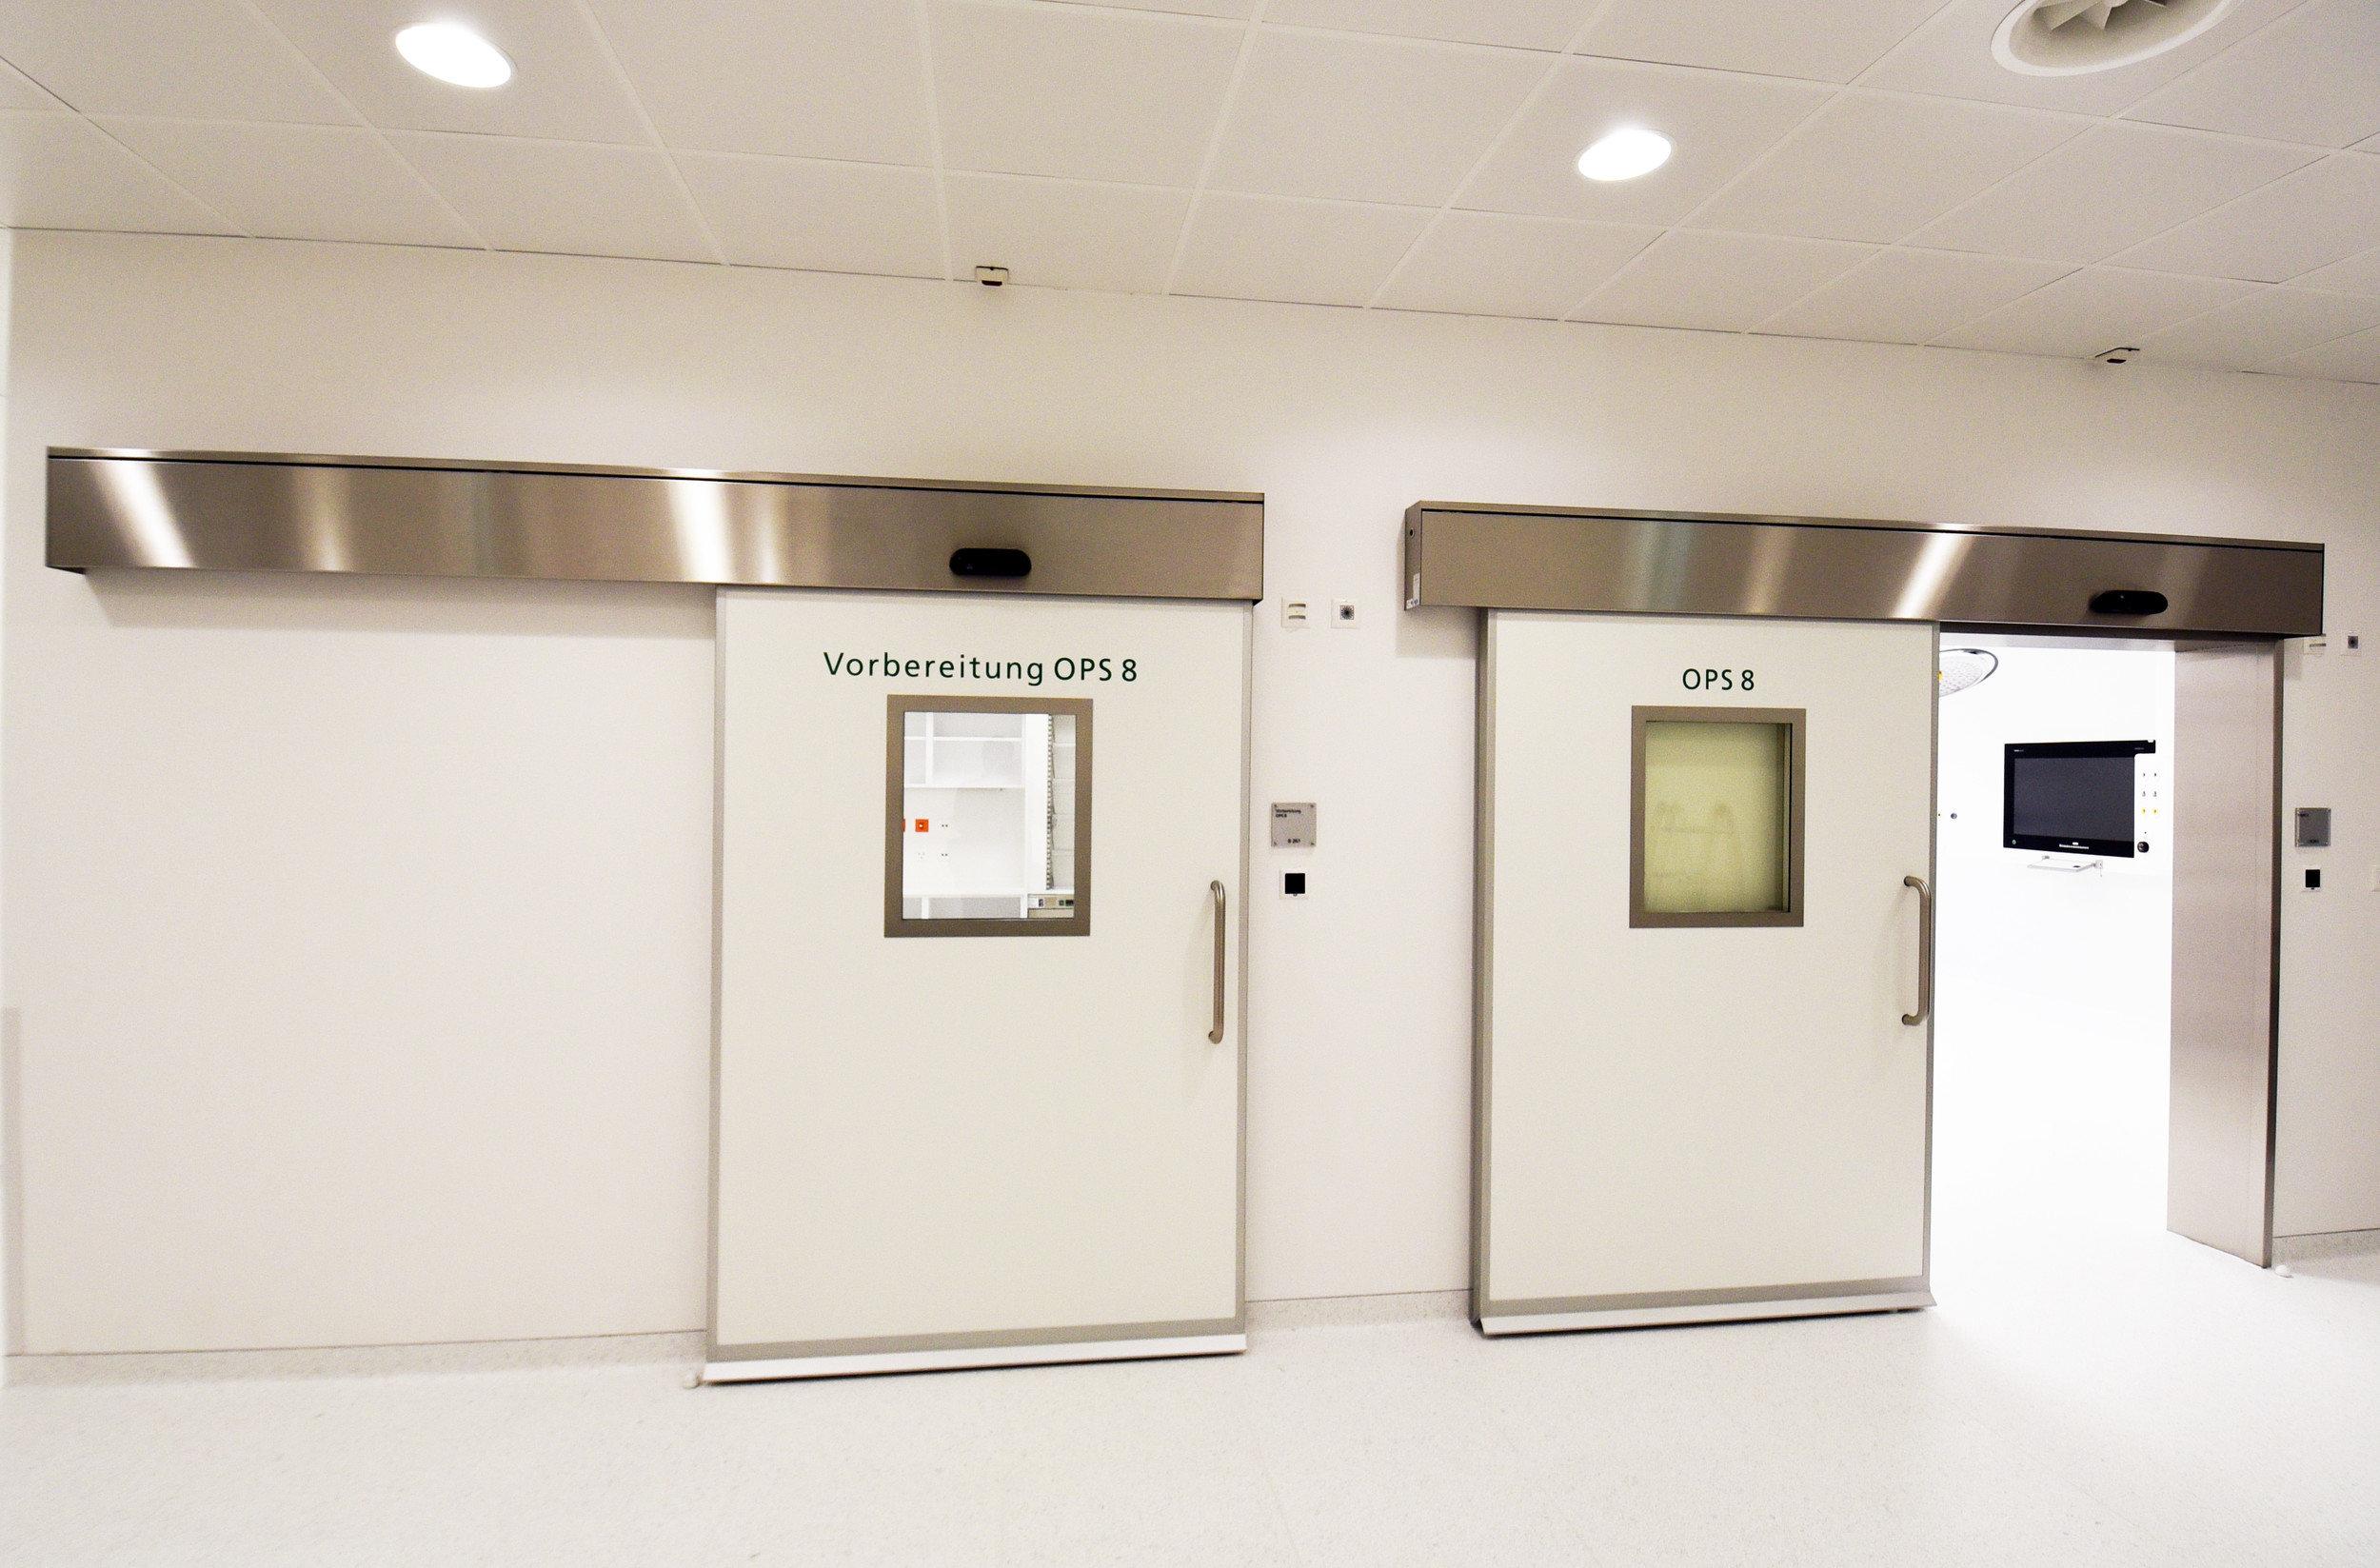 2 Hebe-Schiebetüren für Operationssäle